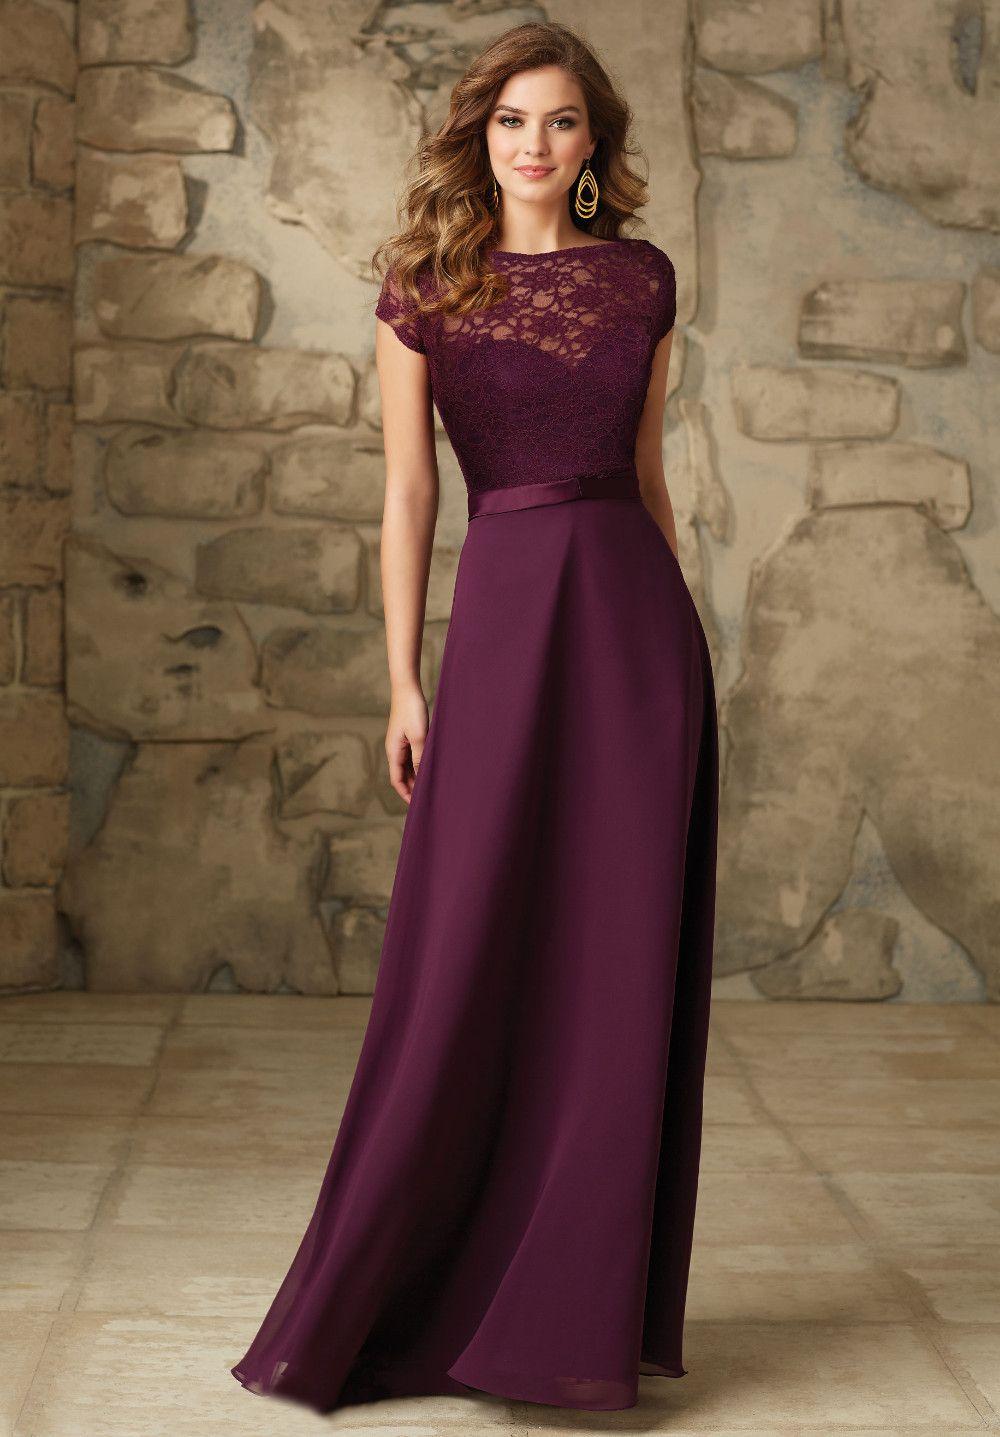 Vestidos de madrinha de casamento cor uva